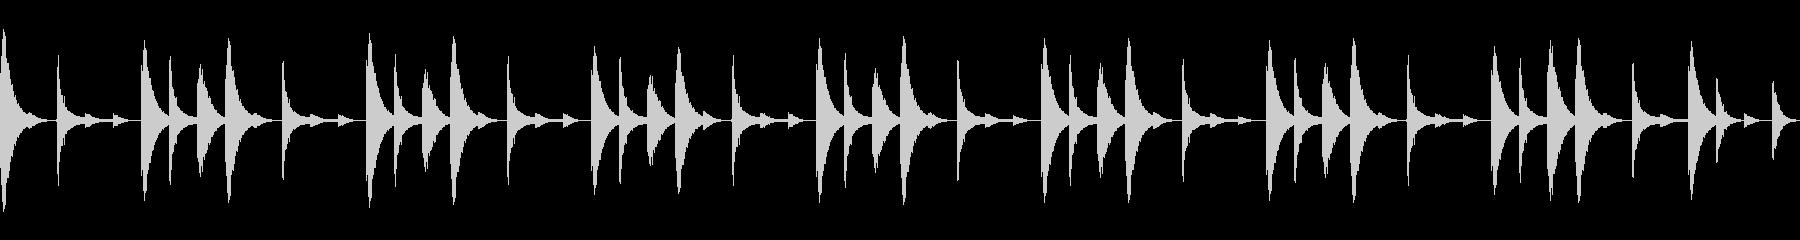 808音源を使用したシンプルなリズム01の未再生の波形